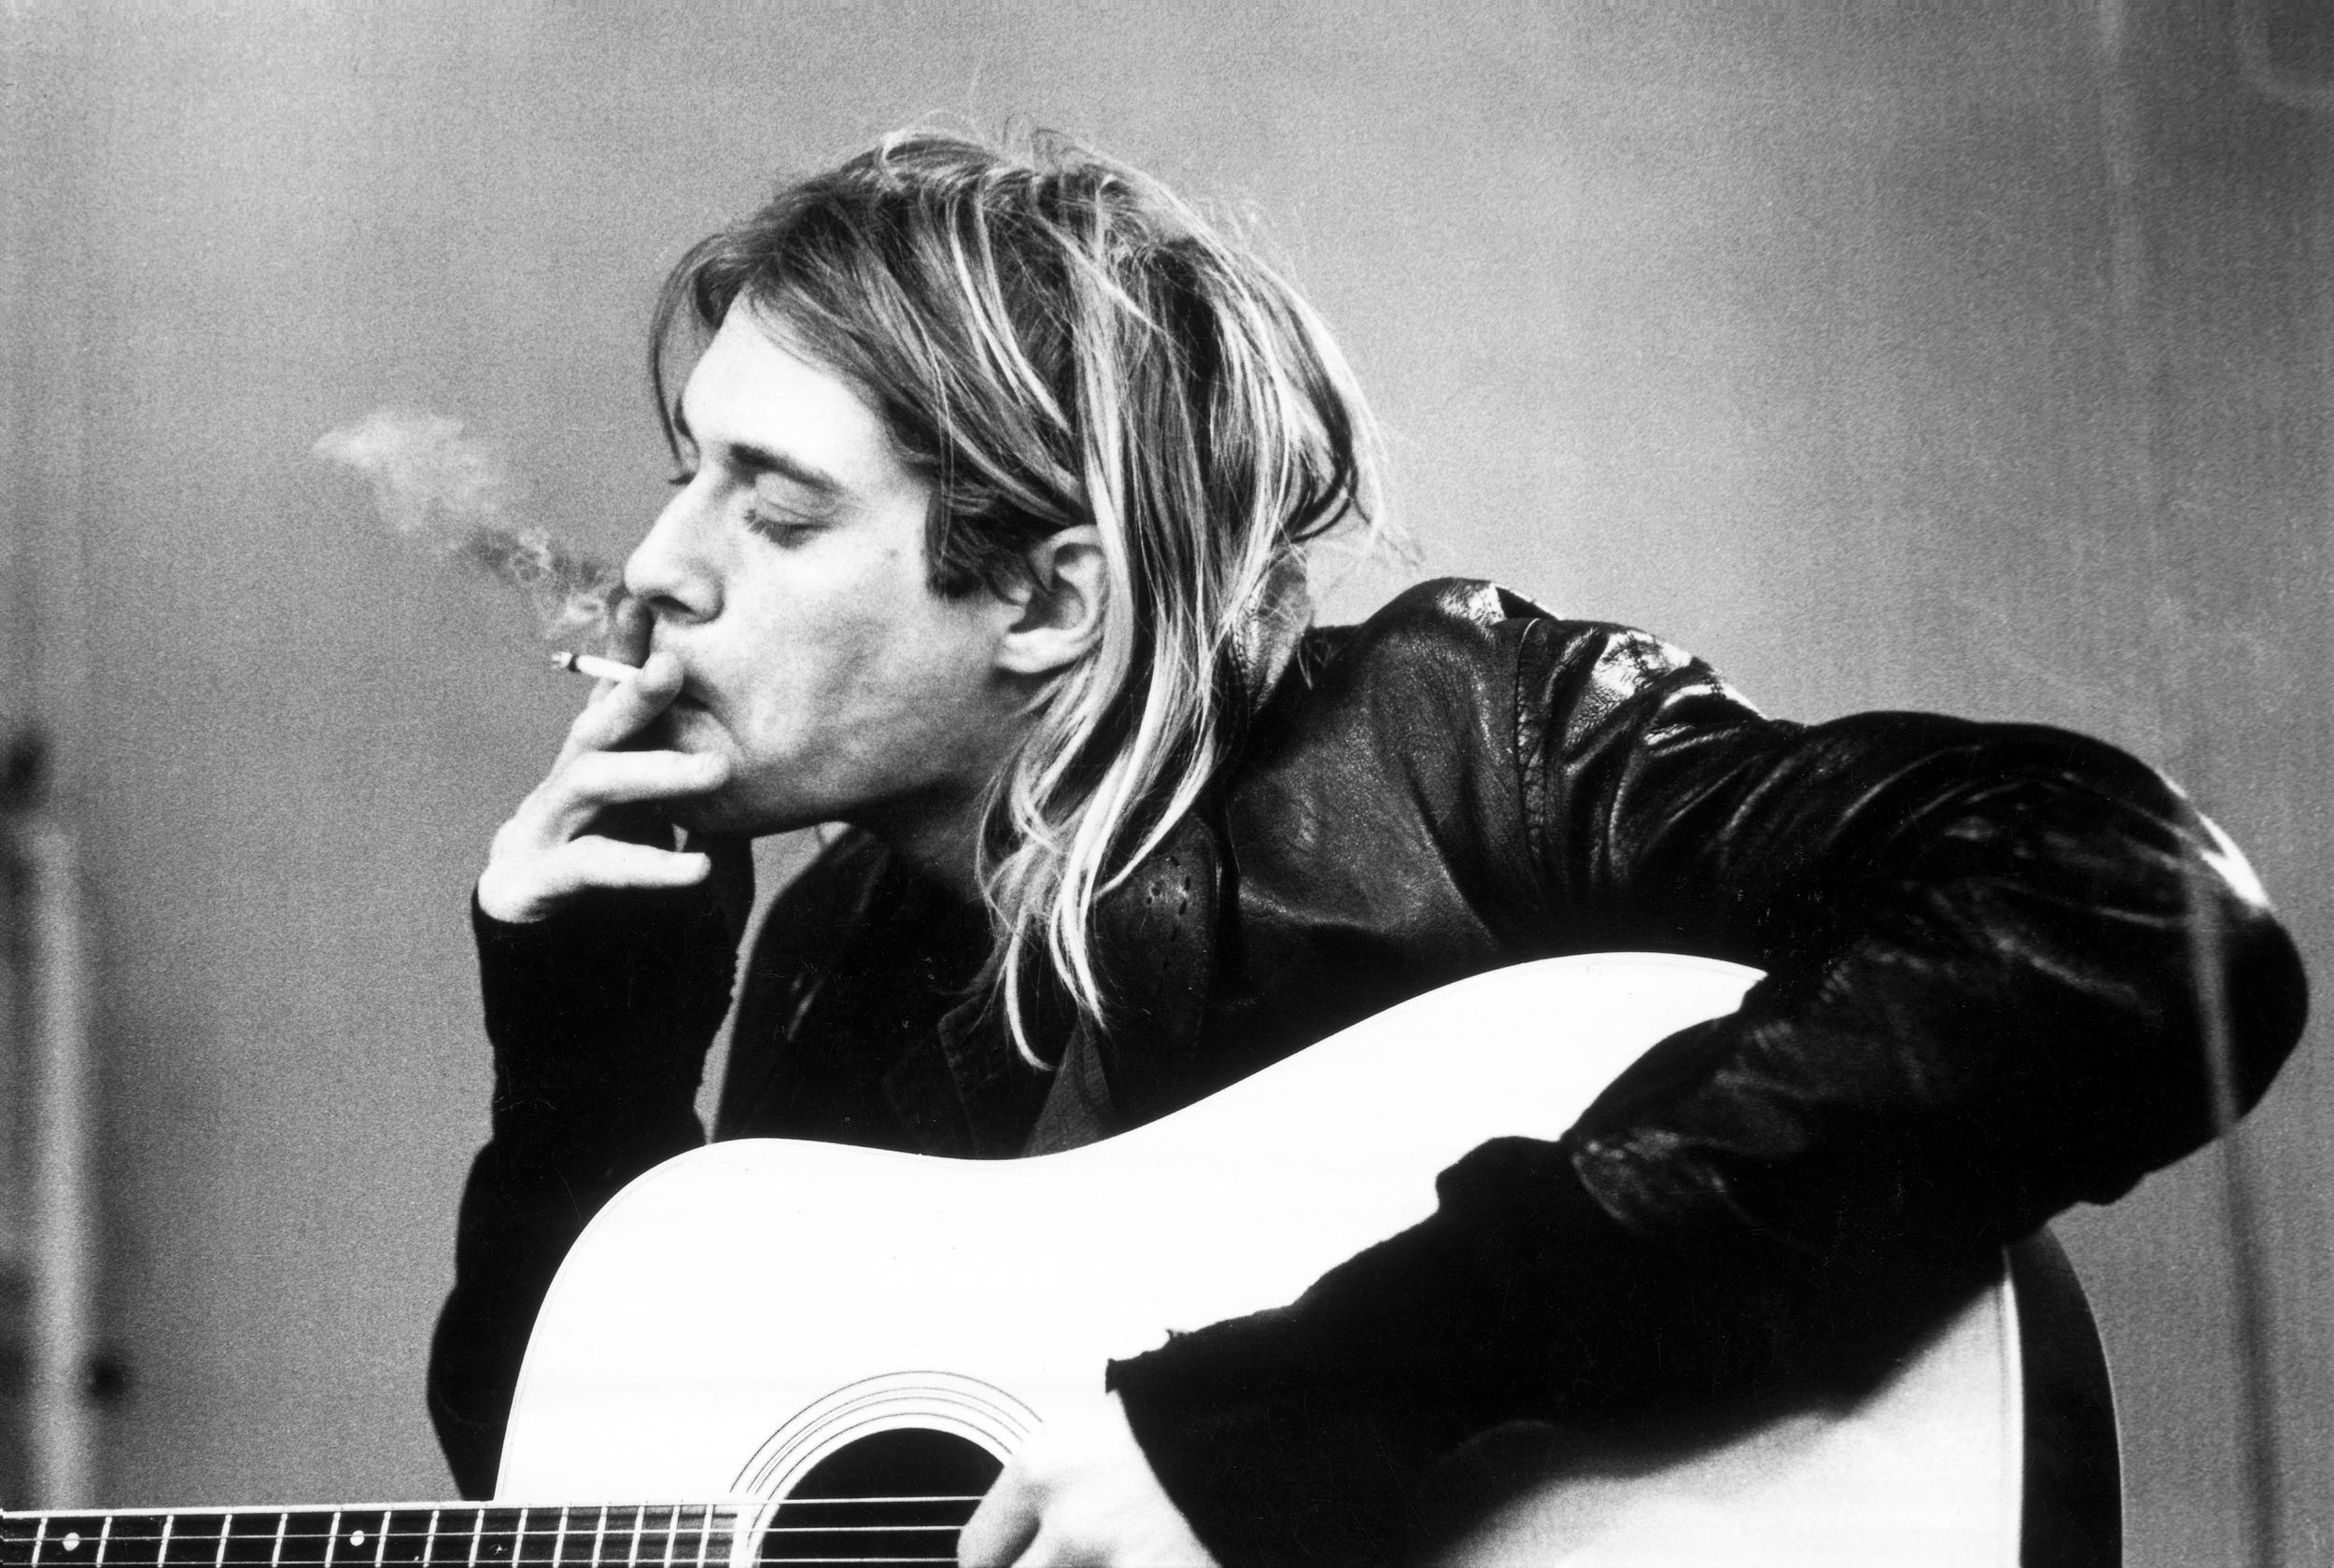 Anécdotas imprecisas del rock: Kurt Cobain - Radio Cantilo